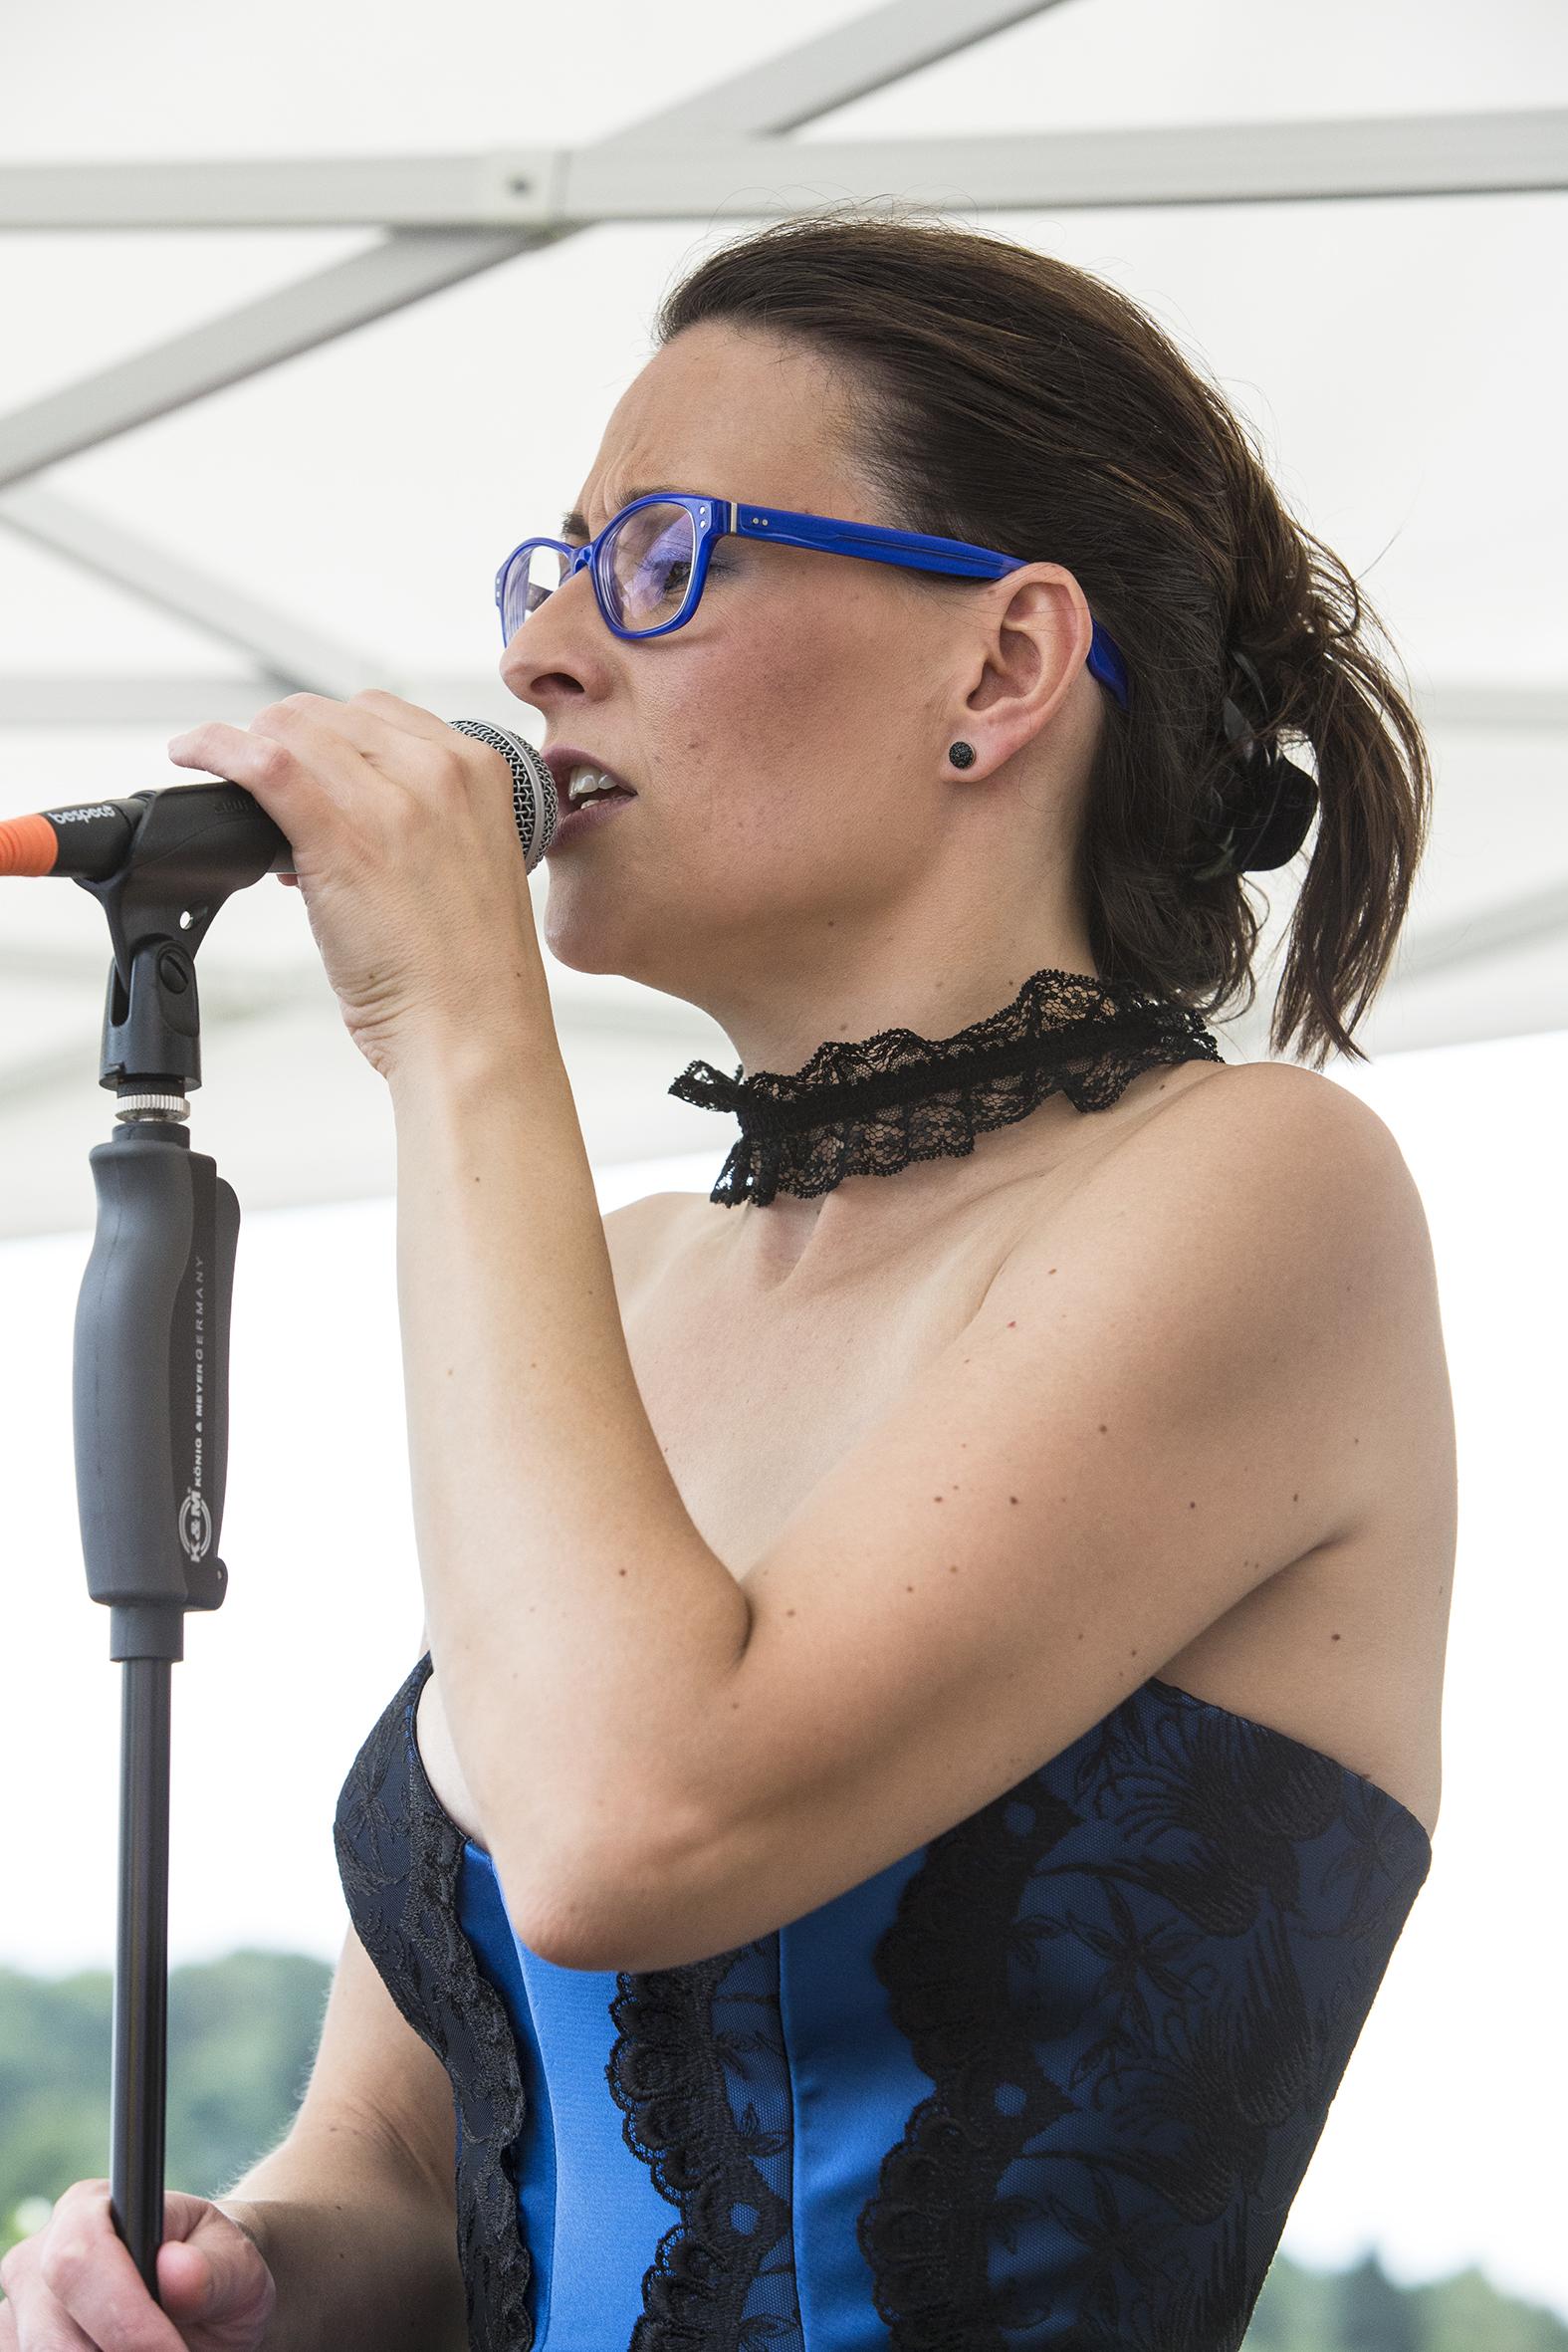 portraits-nadine-holderith-weiss-lfestival-au-gr+¿s-du-jazz-la-petite-pierre-2015-marie-colette-becker-04